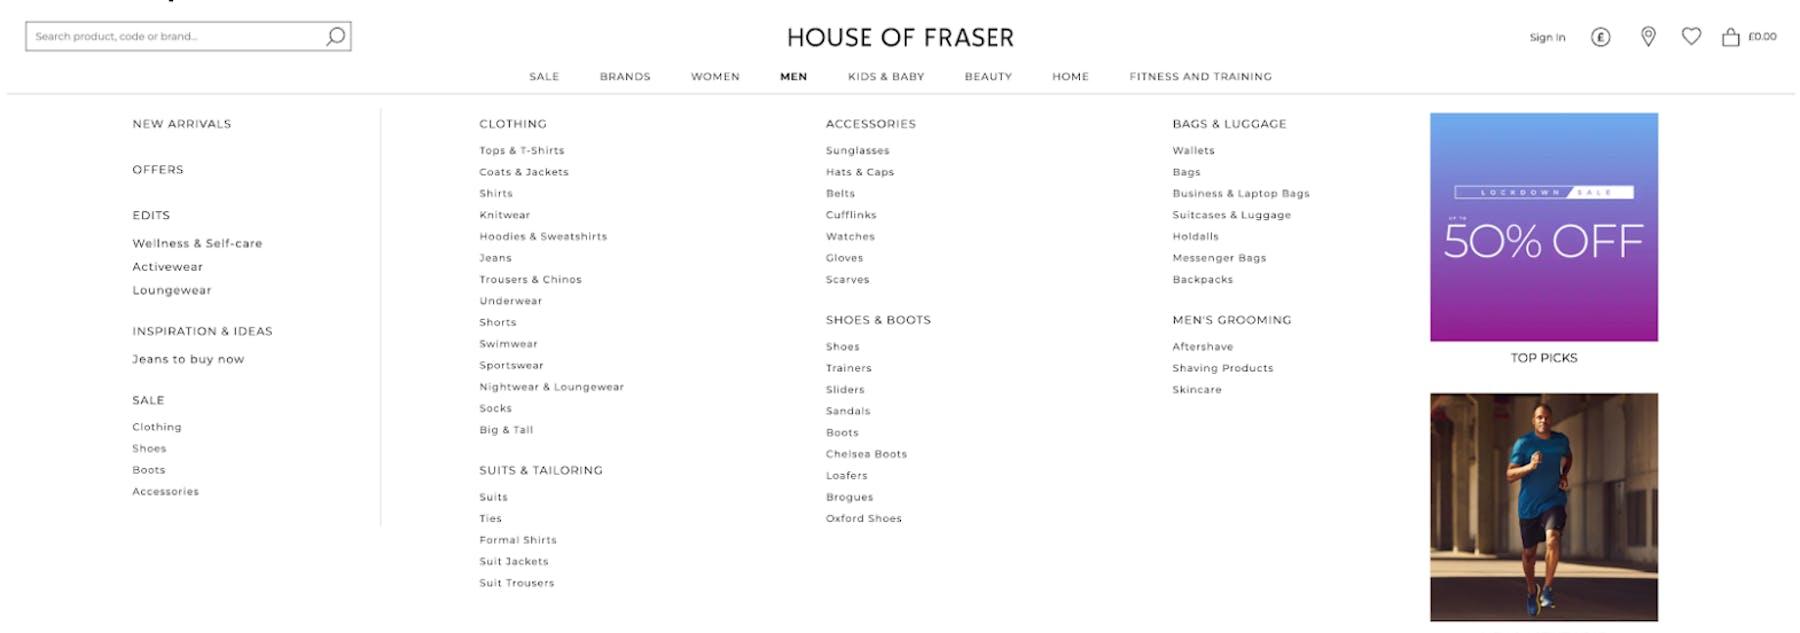 House of Fraser tree testing